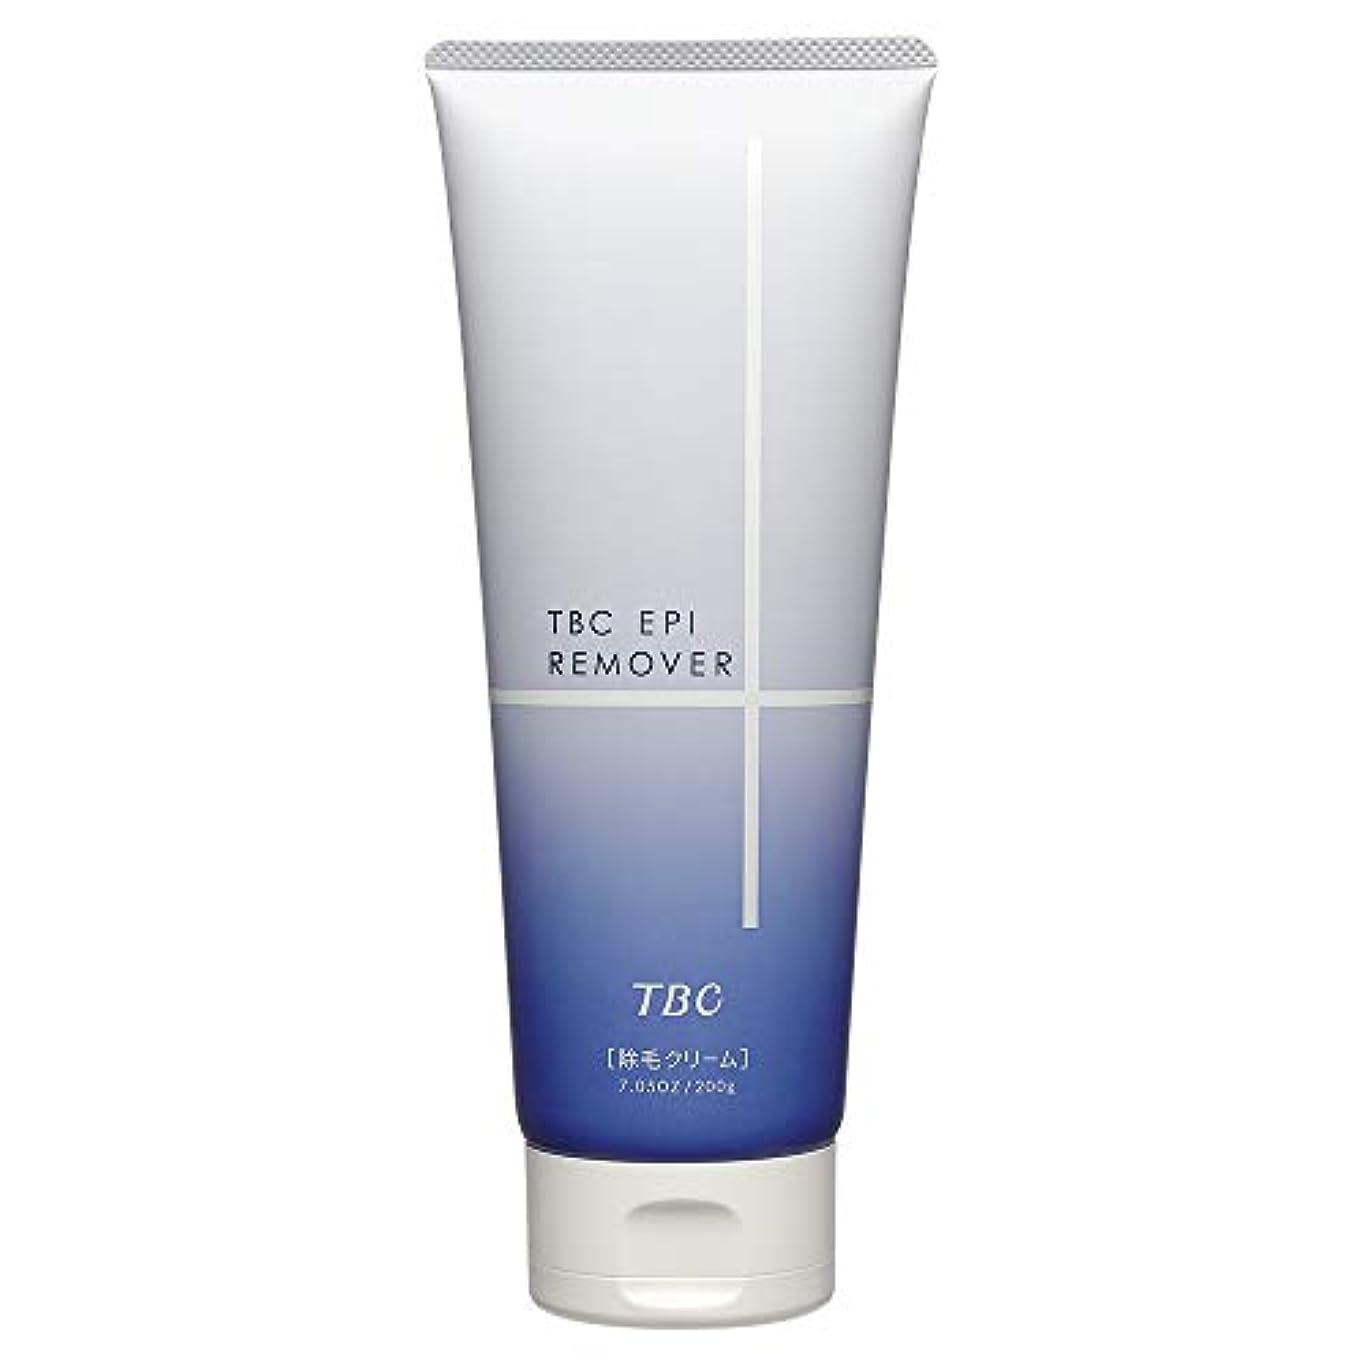 スピン品揃えあざエステティックTBC TBC エピリムーバー クリーム フローラルの香り 200g